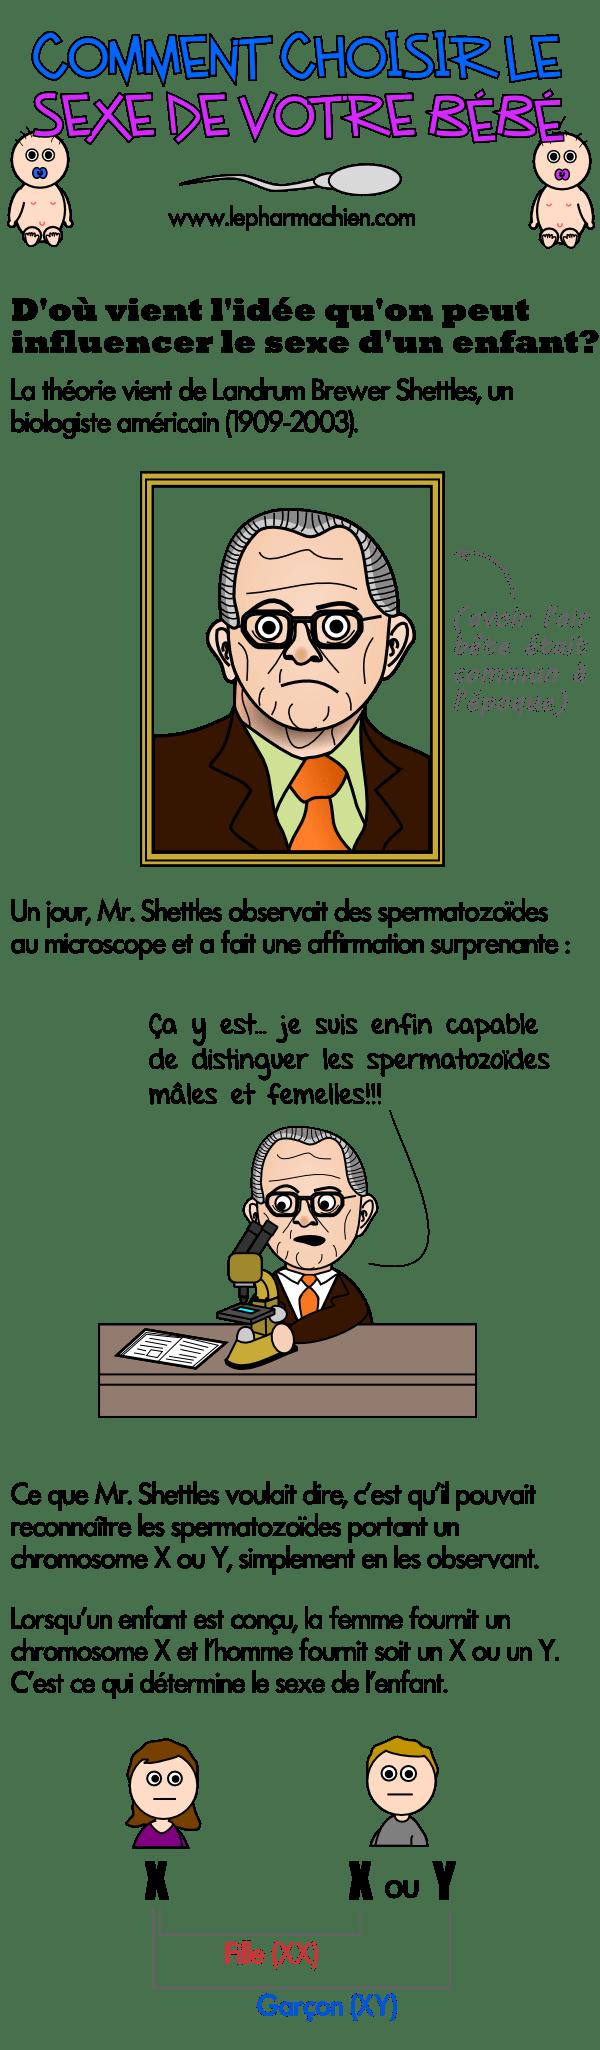 Landrum B. Shettles et ses recherches sur les spermatozoïdes